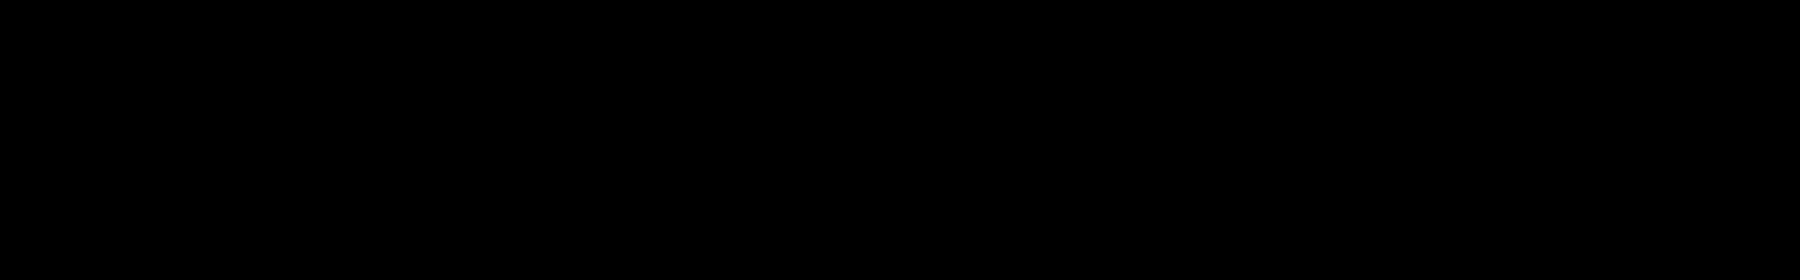 Ex Ante audio waveform